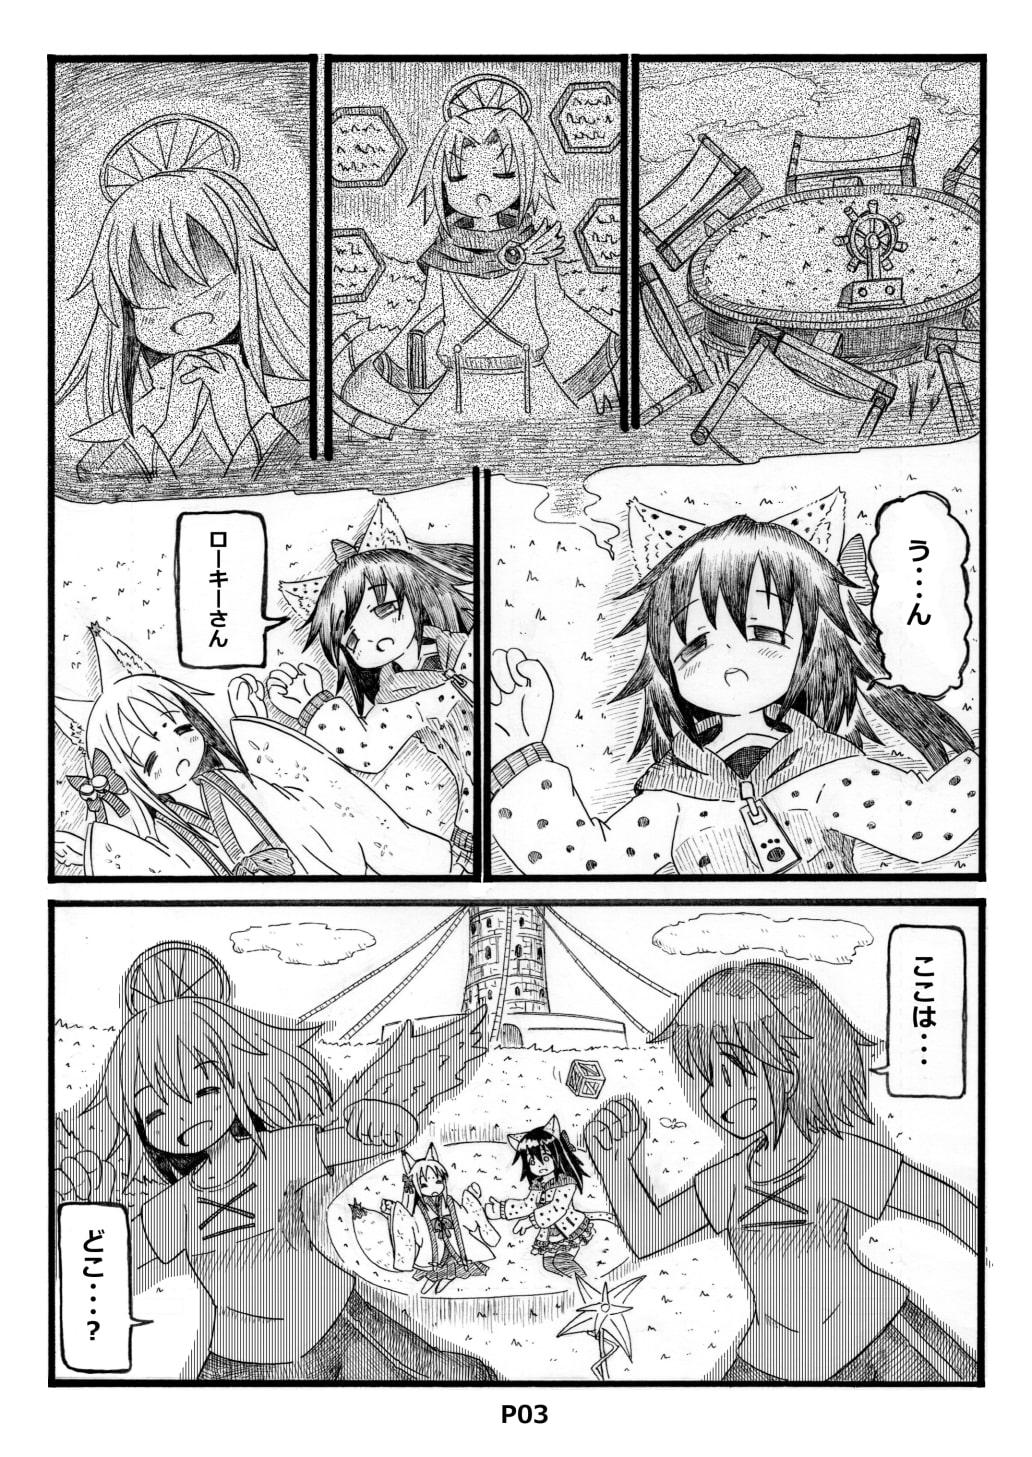 【Re:ECO】